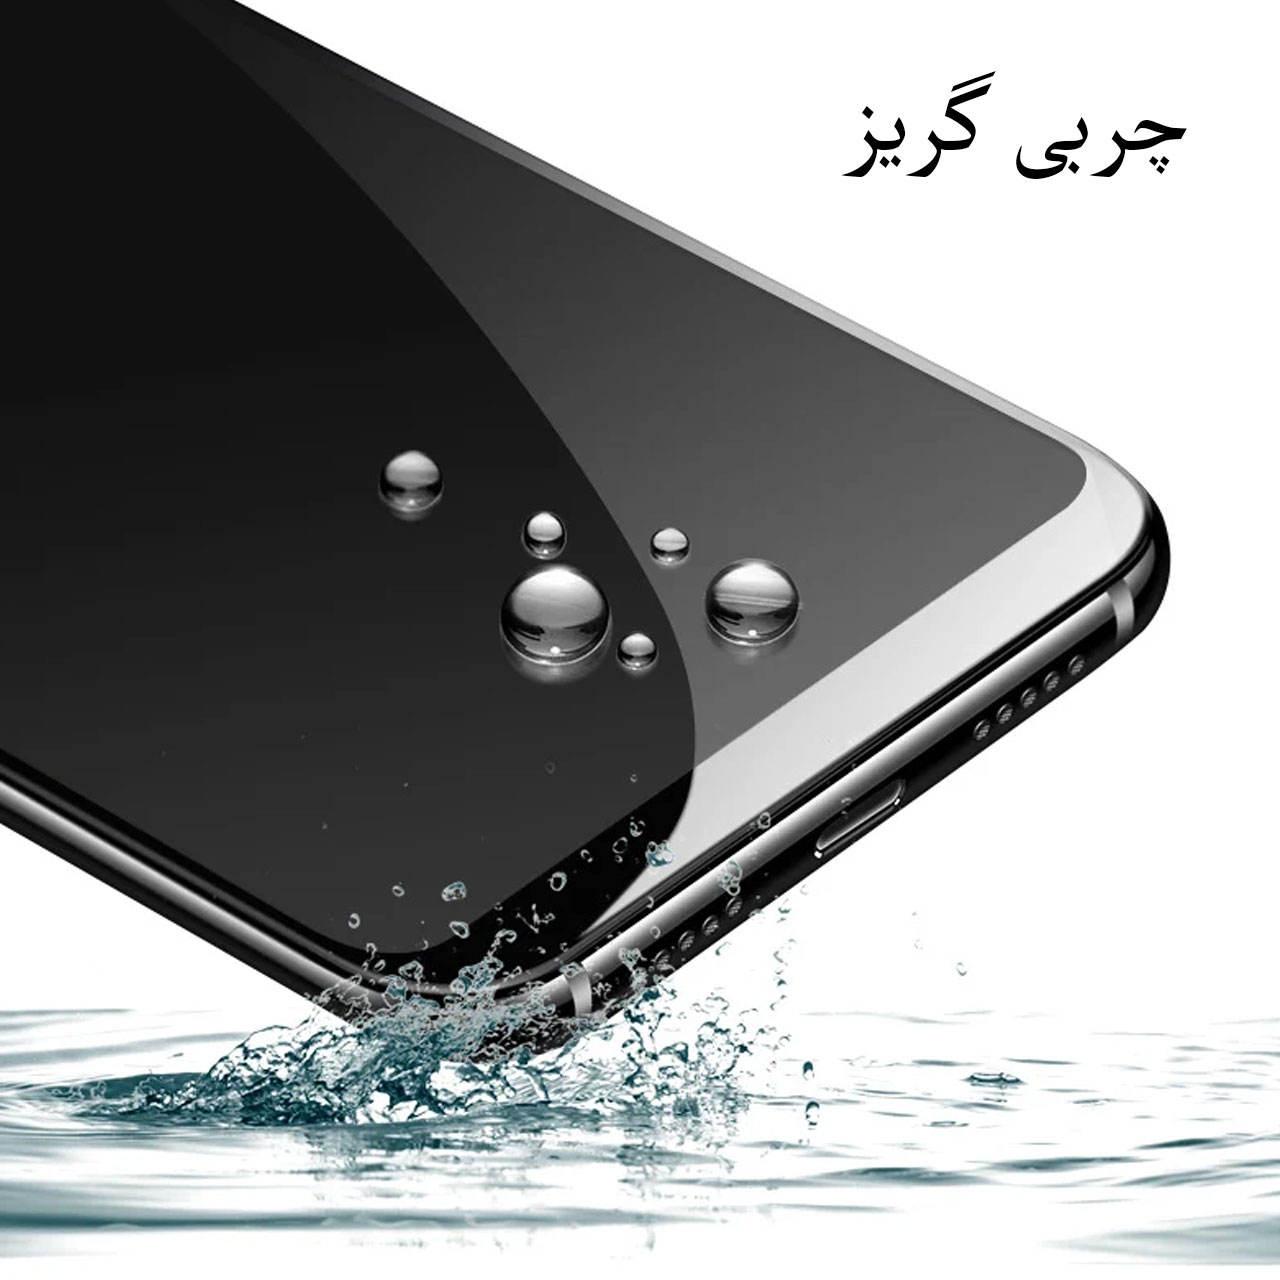 محافظ صفحه نمایش برنارد مدل SDB-01 مناسب برای گوشی موبایل سامسونگ Galaxy J2 2015 main 1 7